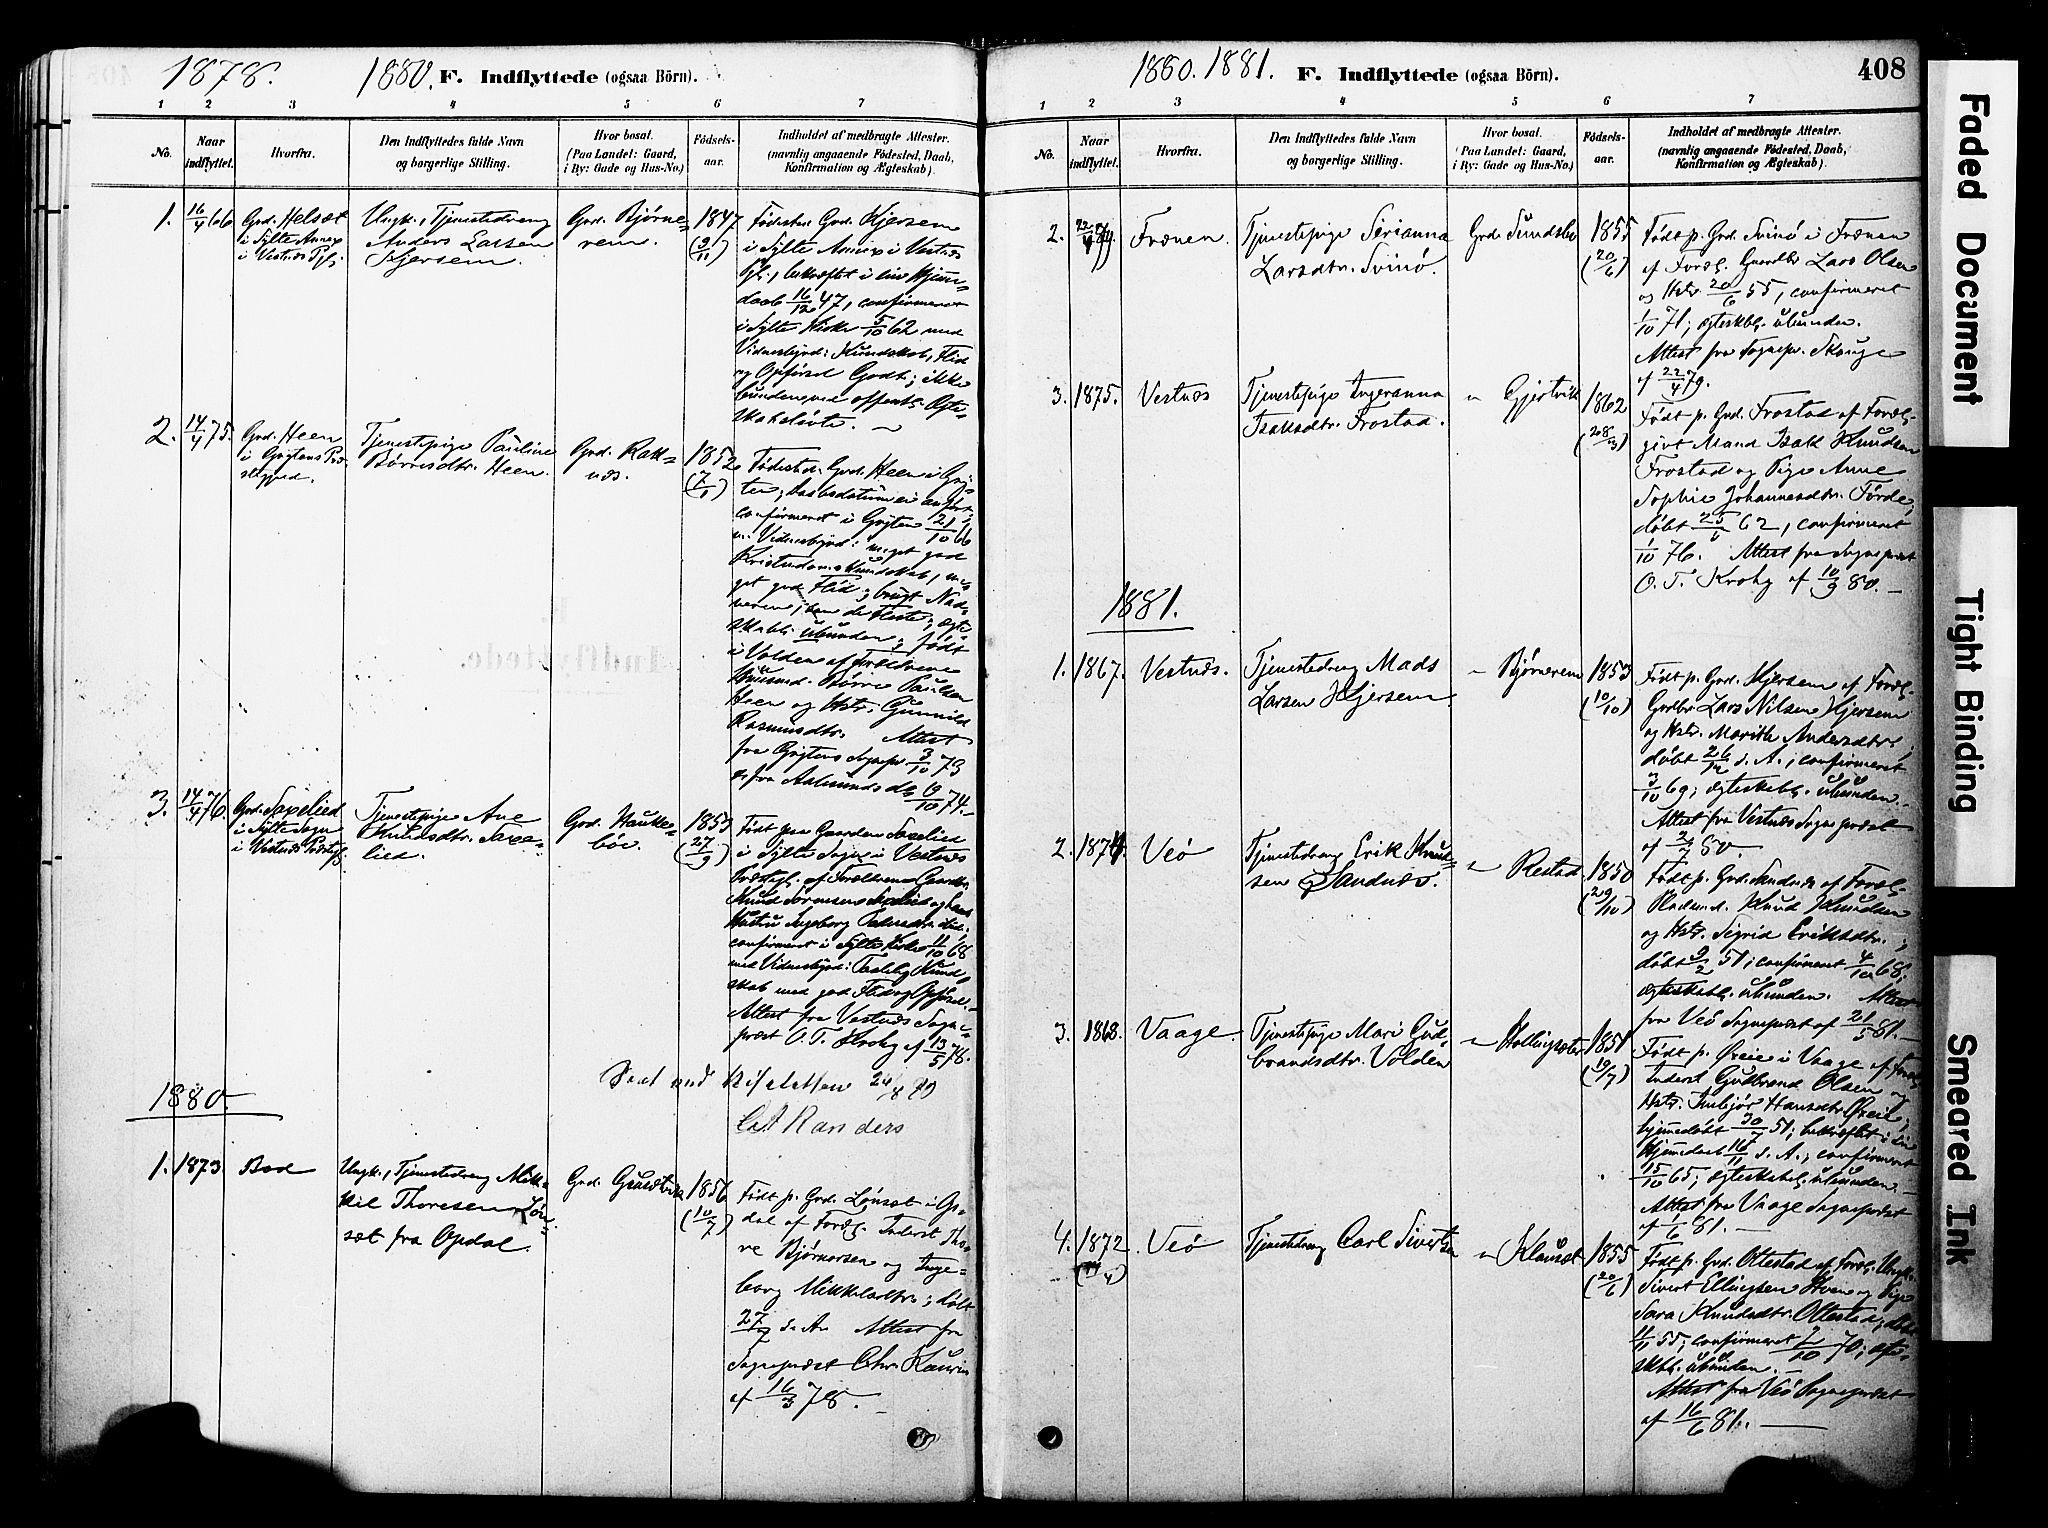 SAT, Ministerialprotokoller, klokkerbøker og fødselsregistre - Møre og Romsdal, 560/L0721: Ministerialbok nr. 560A05, 1878-1917, s. 408